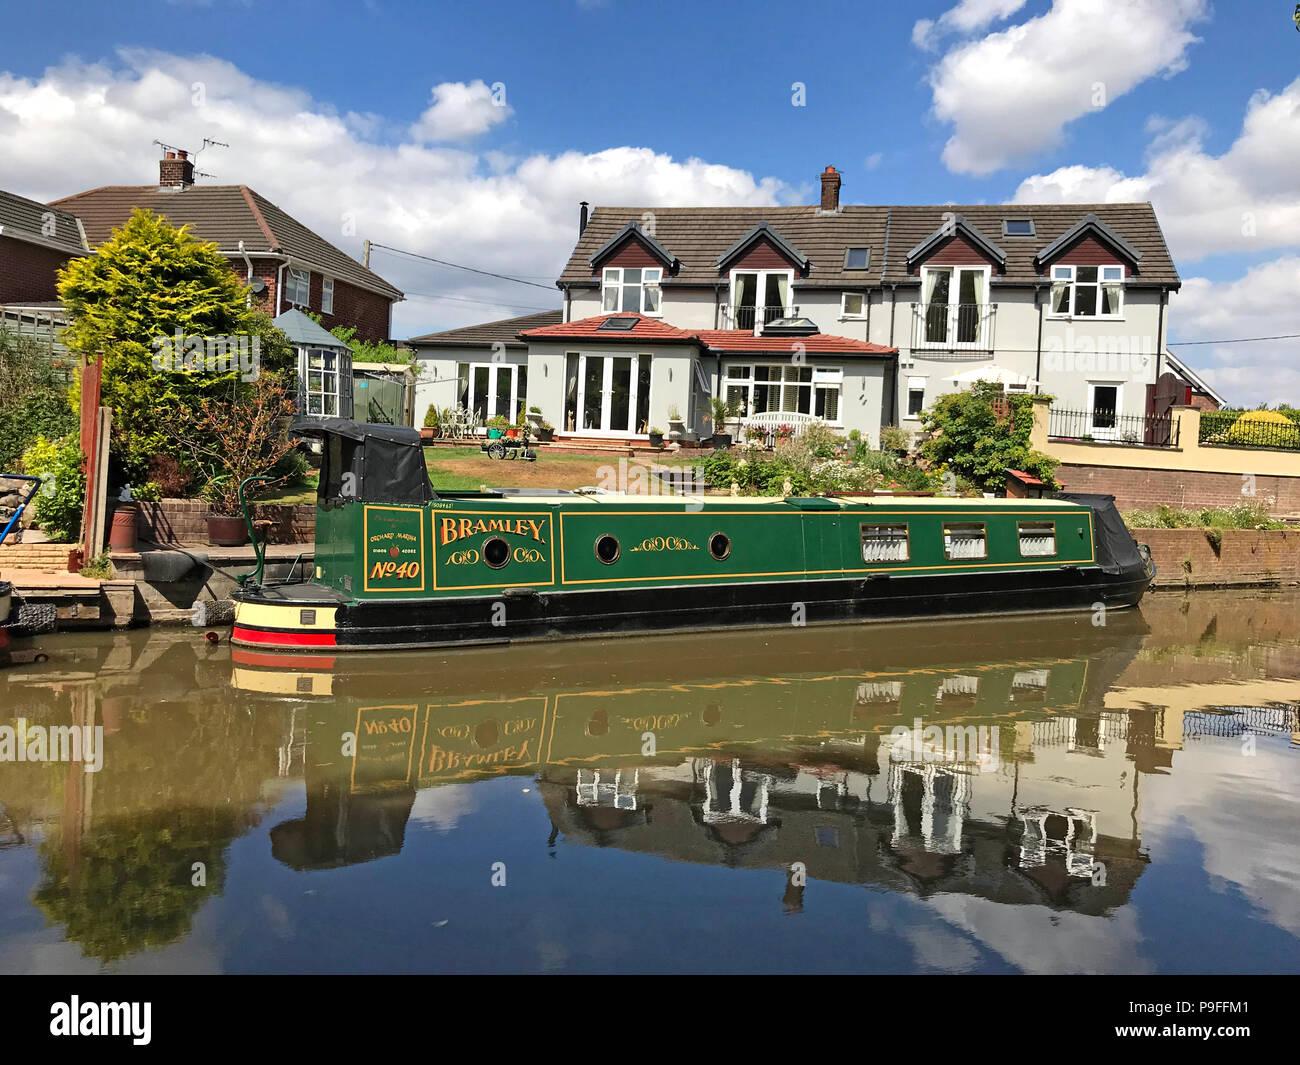 Laden Sie dieses Alamy Stockfoto Trent und Mersey Canal, Anderton, Northwich, Cheshire Ring, North West England, UK-15-04, Aufsch. - P9FFM1